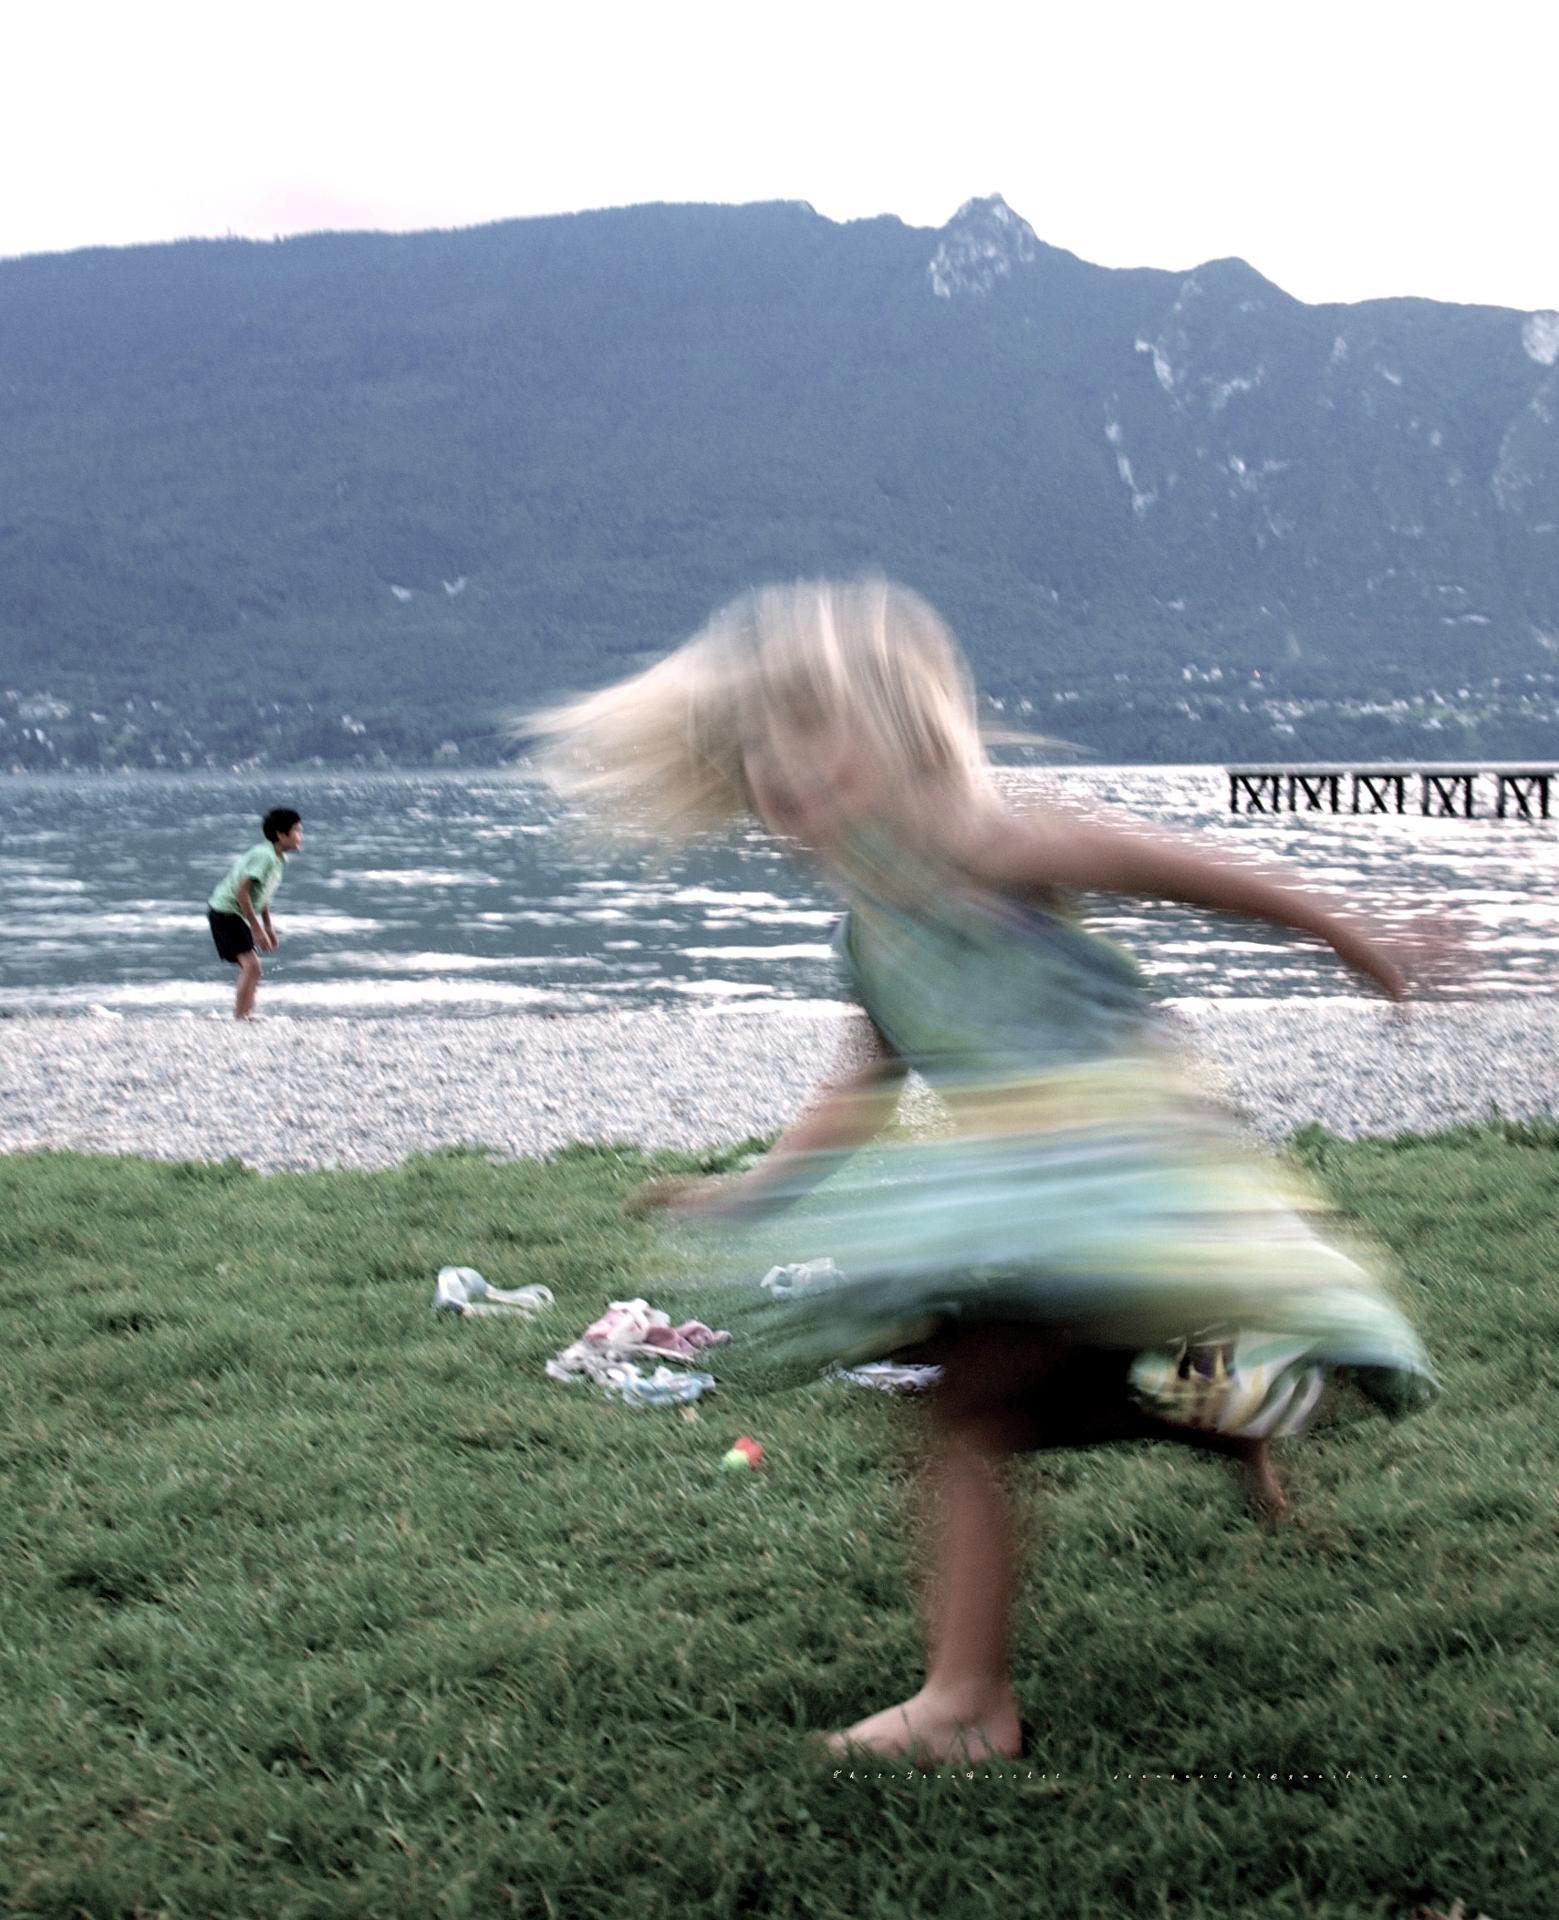 danse avec les airs